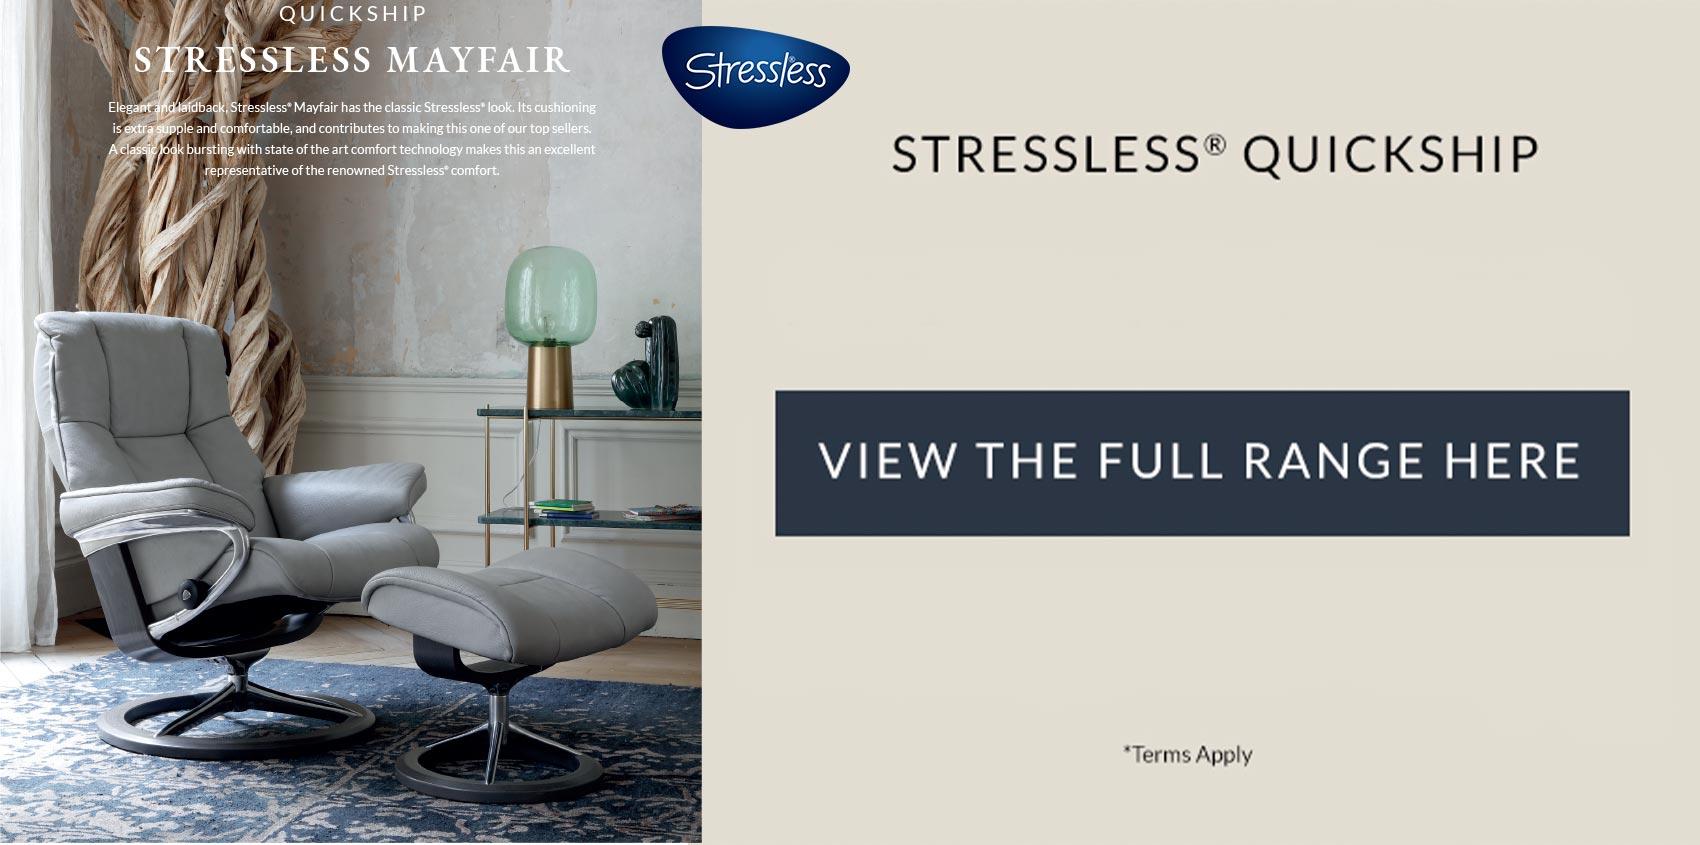 Stressless Quickship